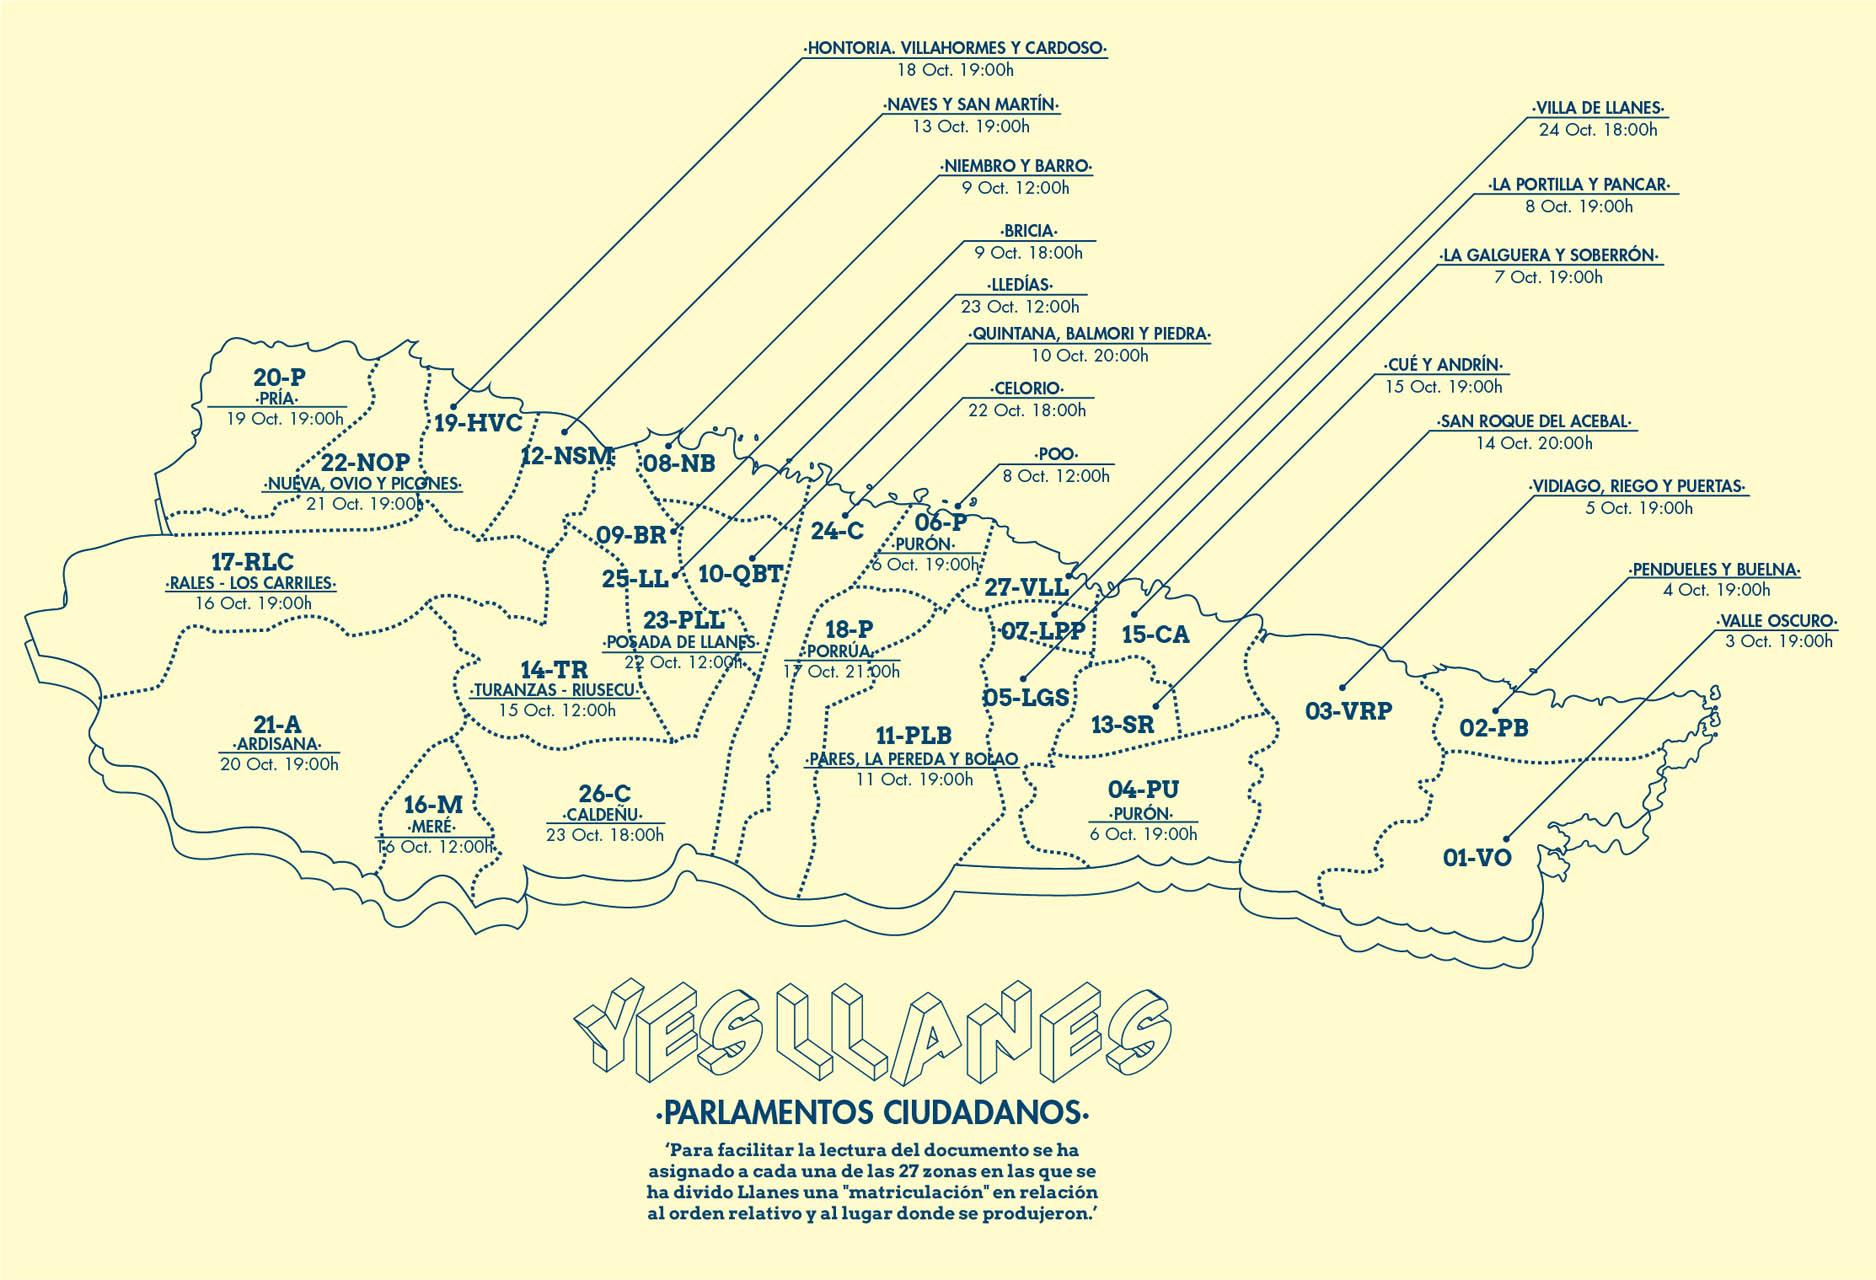 Mapa 27 Parlamentos Ciudadanos Llanes_YesLlanes_Zuloark